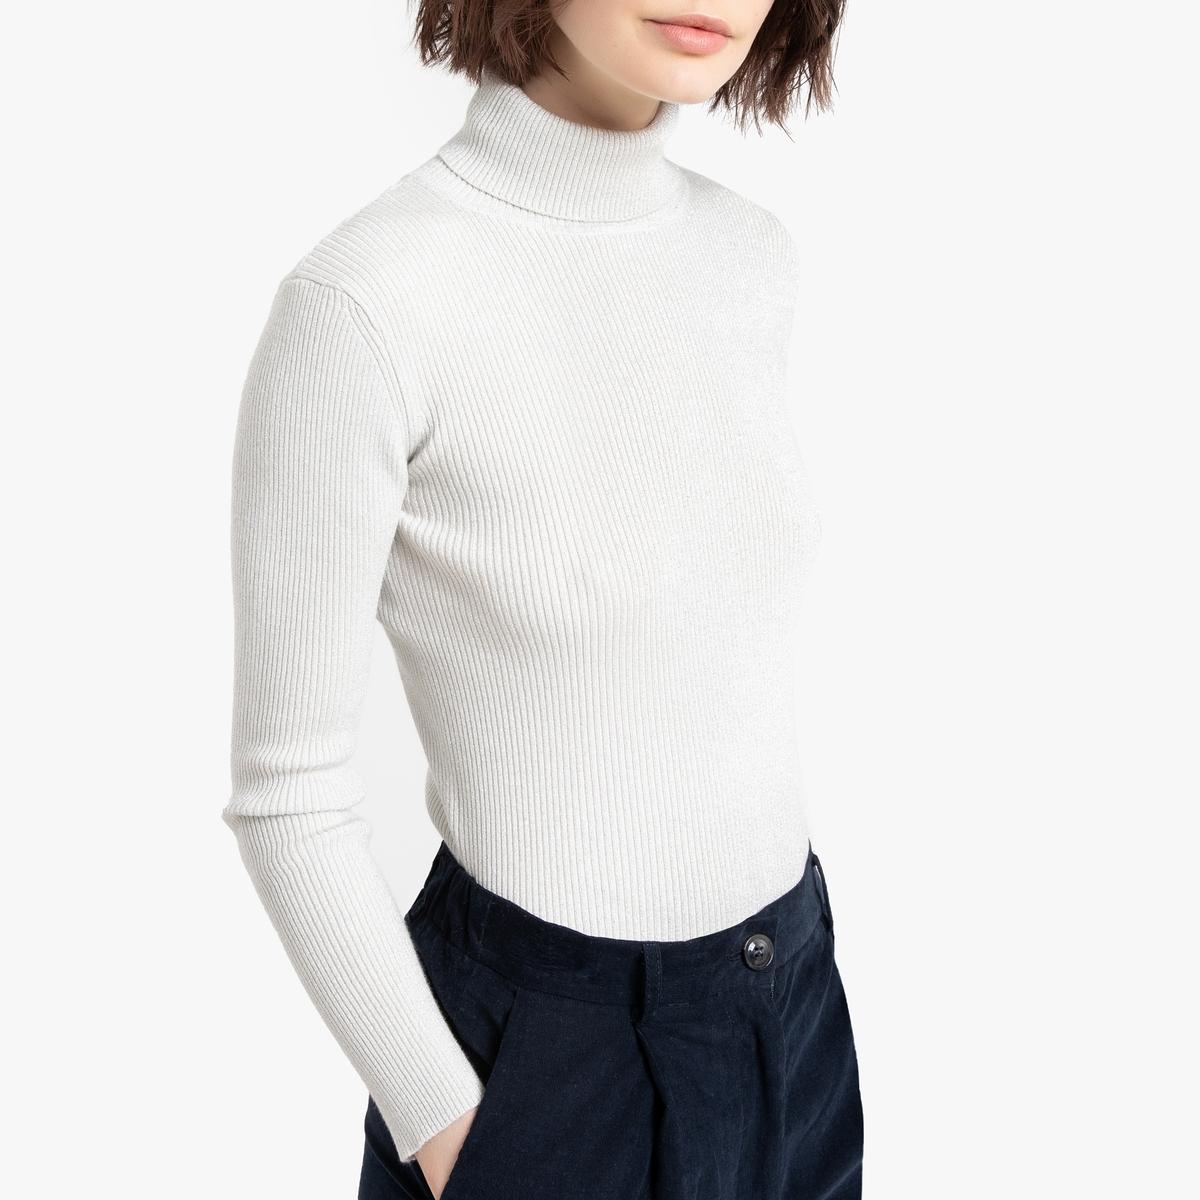 Пуловер La Redoute С воротником-стойкой из рифленого блестящего трикотажа L белый цена и фото